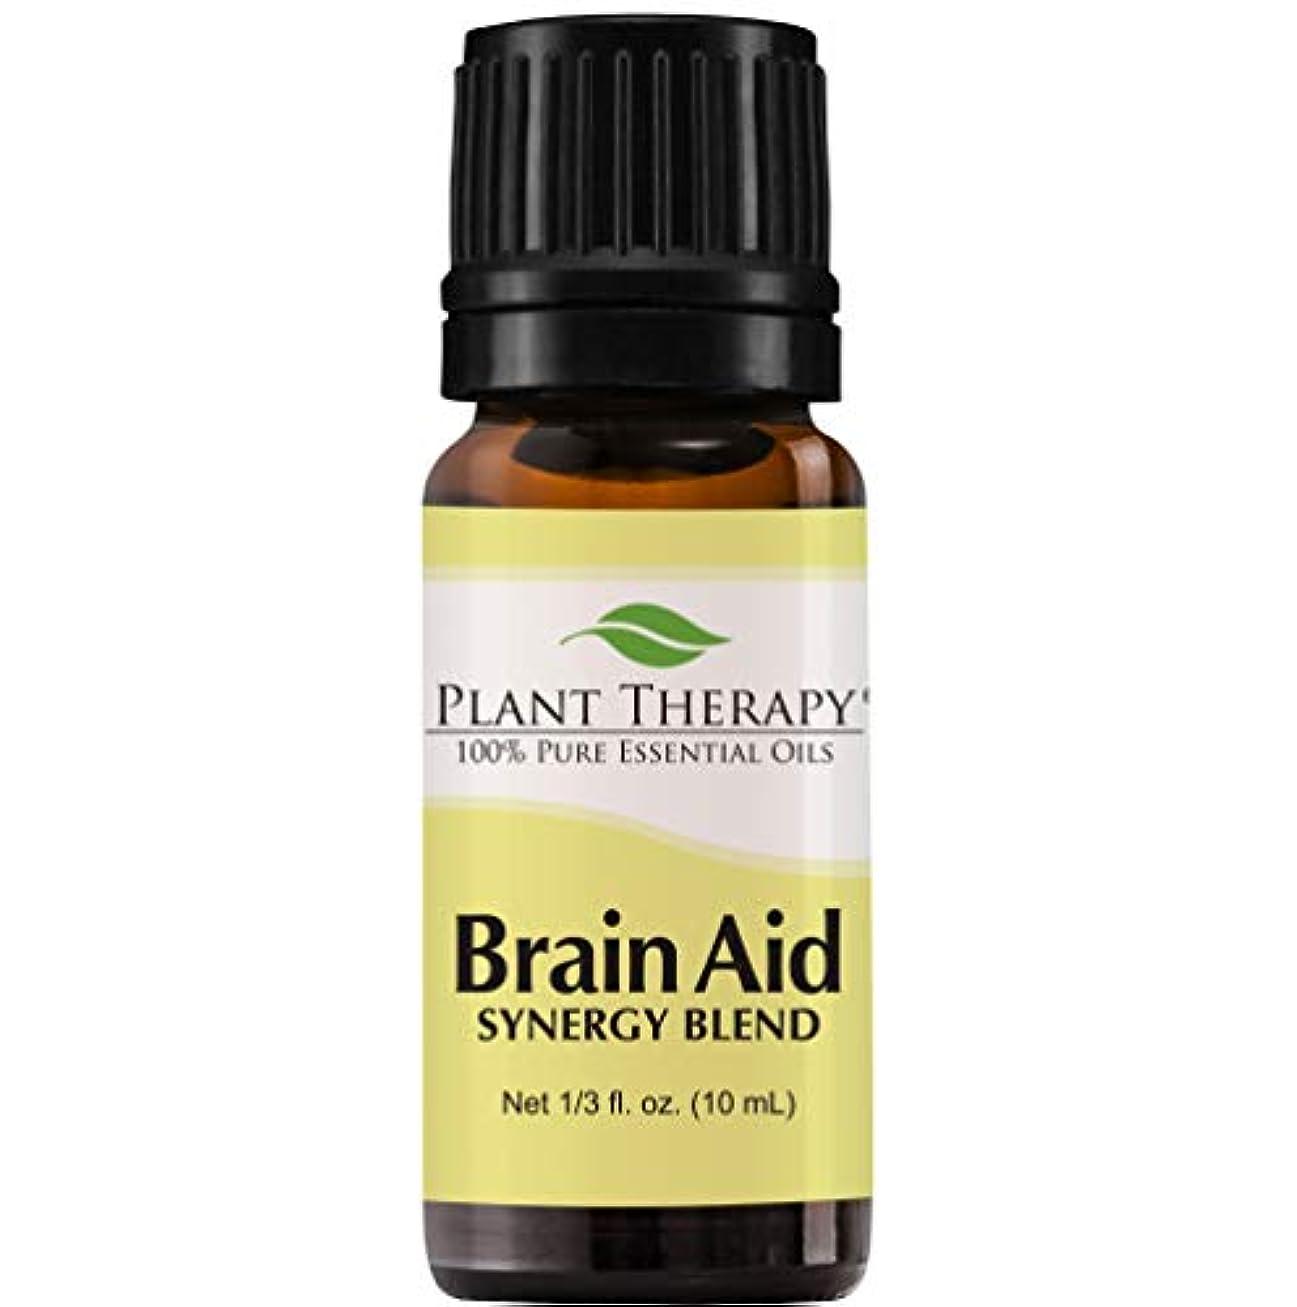 習熟度掃く器具脳援助シナジー(精神的な焦点と明確にするため)。エッセンシャルオイルブレンド。 10ミリリットル(1/3オンス)。 100%ピュア、希釈していない、治療グレード。